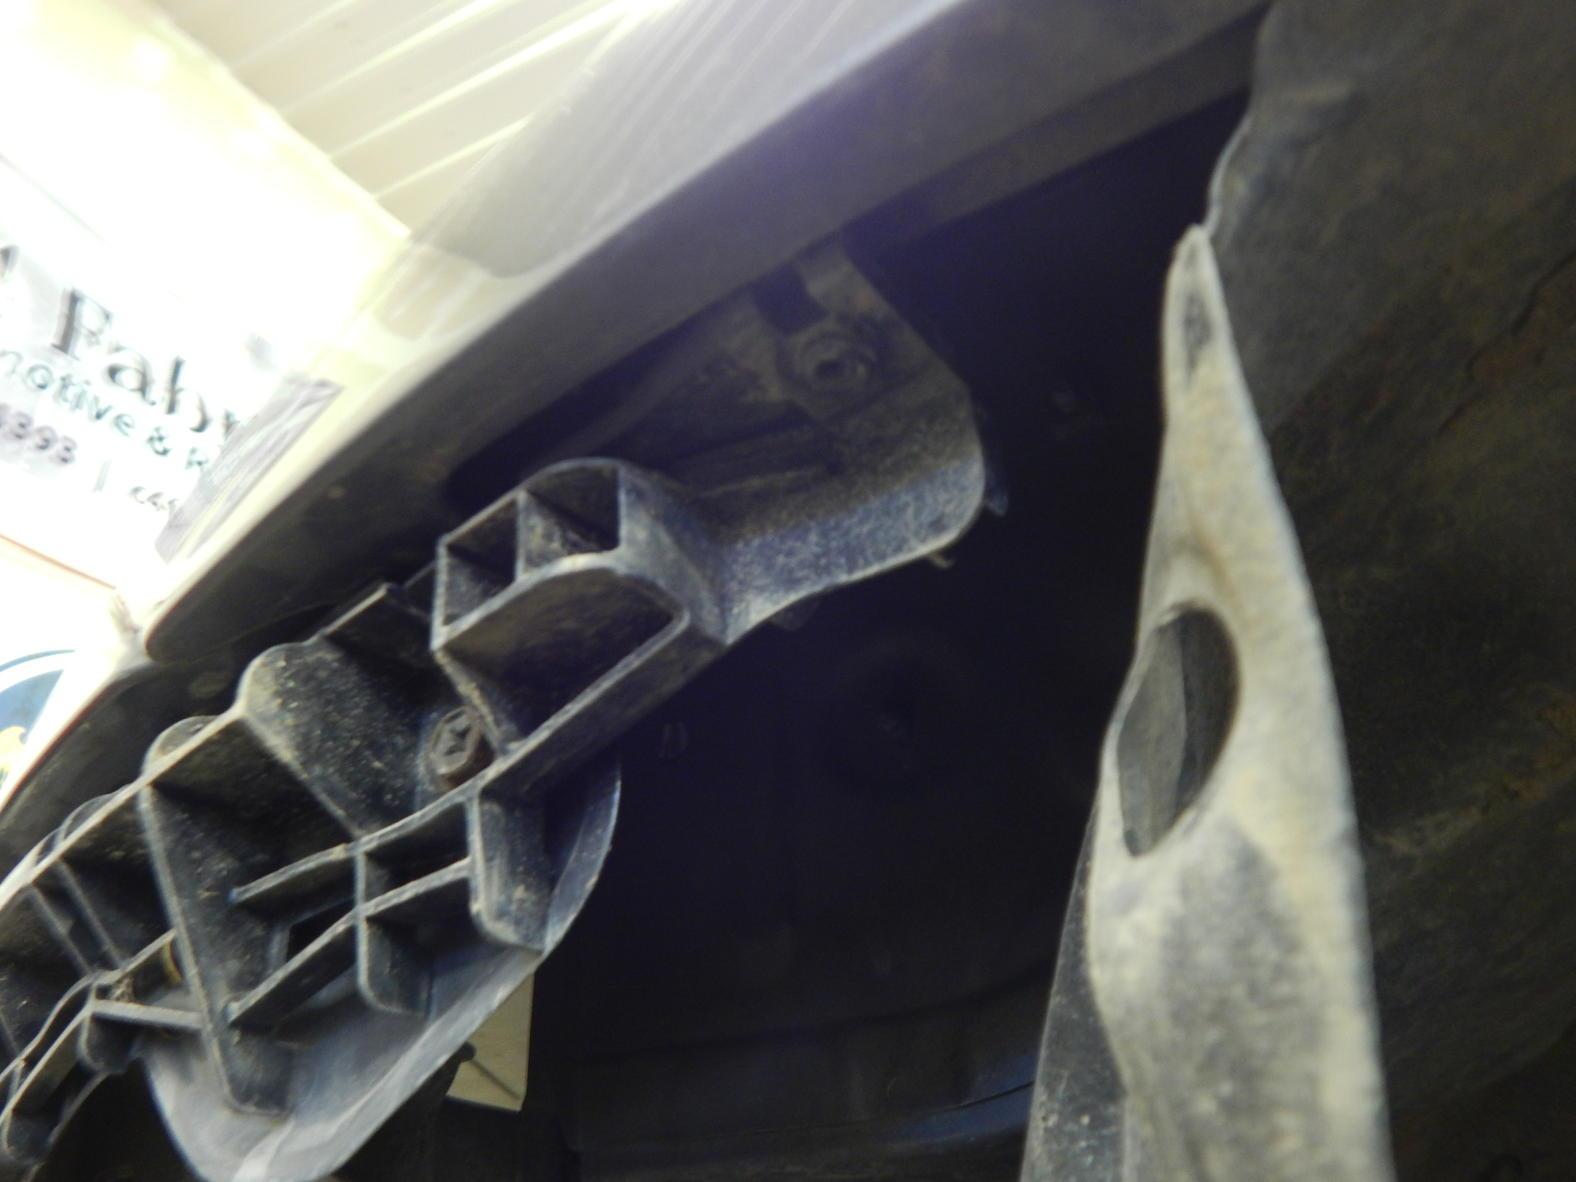 C4 FAB early 4th gen (03-05) Lo-Pro winch bumper install guide.-dscn4443-jpg